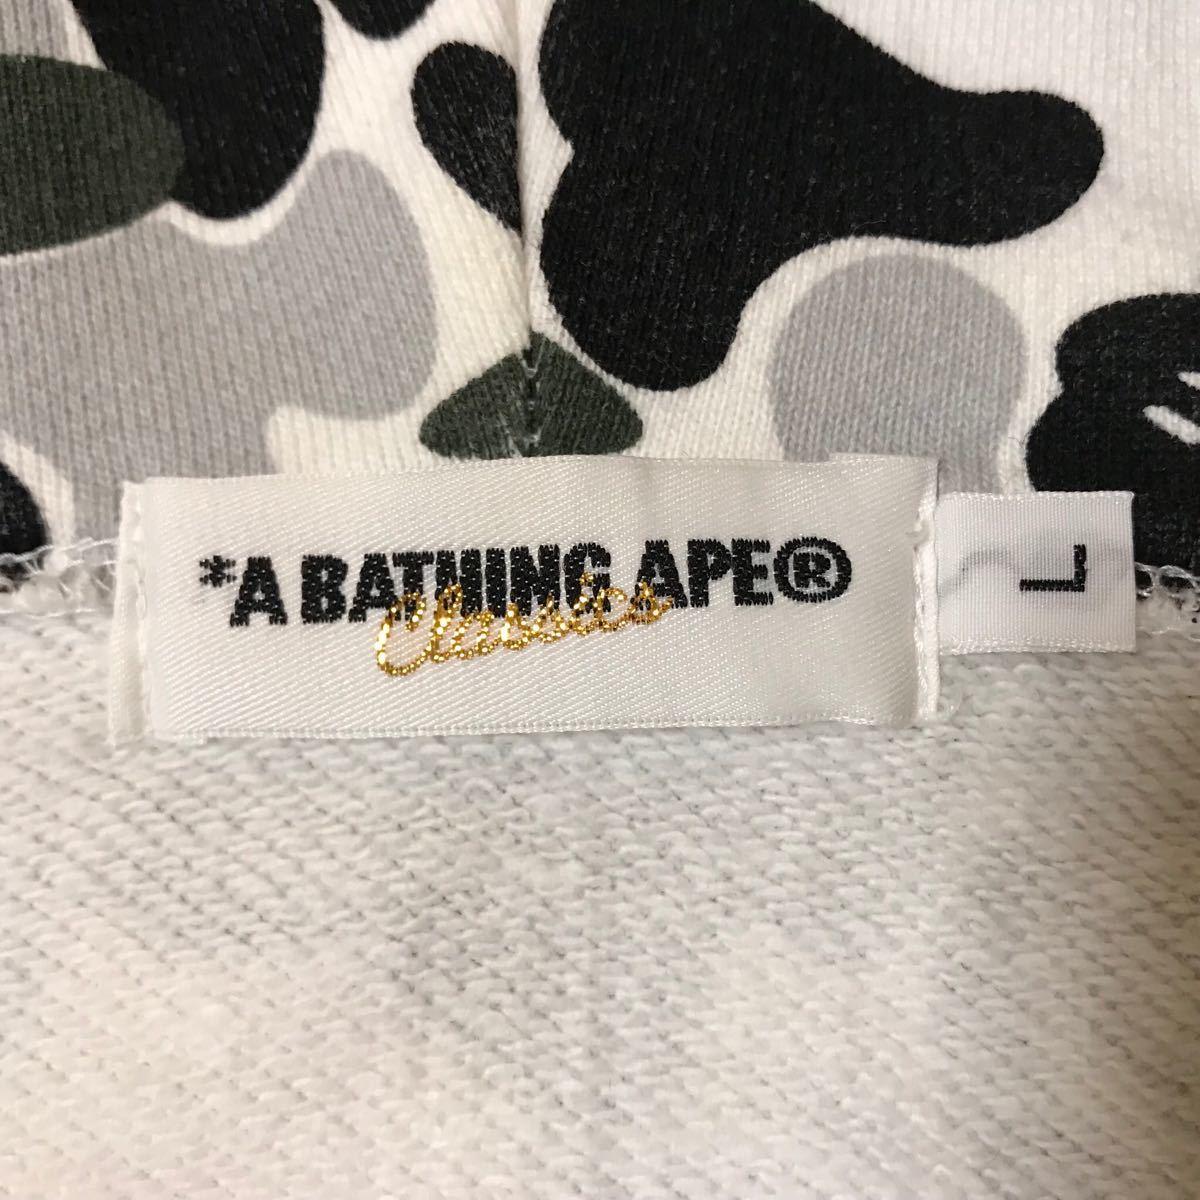 ★京都限定★ kyoto store limited color camo シャーク パーカー shark full zip hoodie a bathing ape BAPE city ベイプ 都市限定